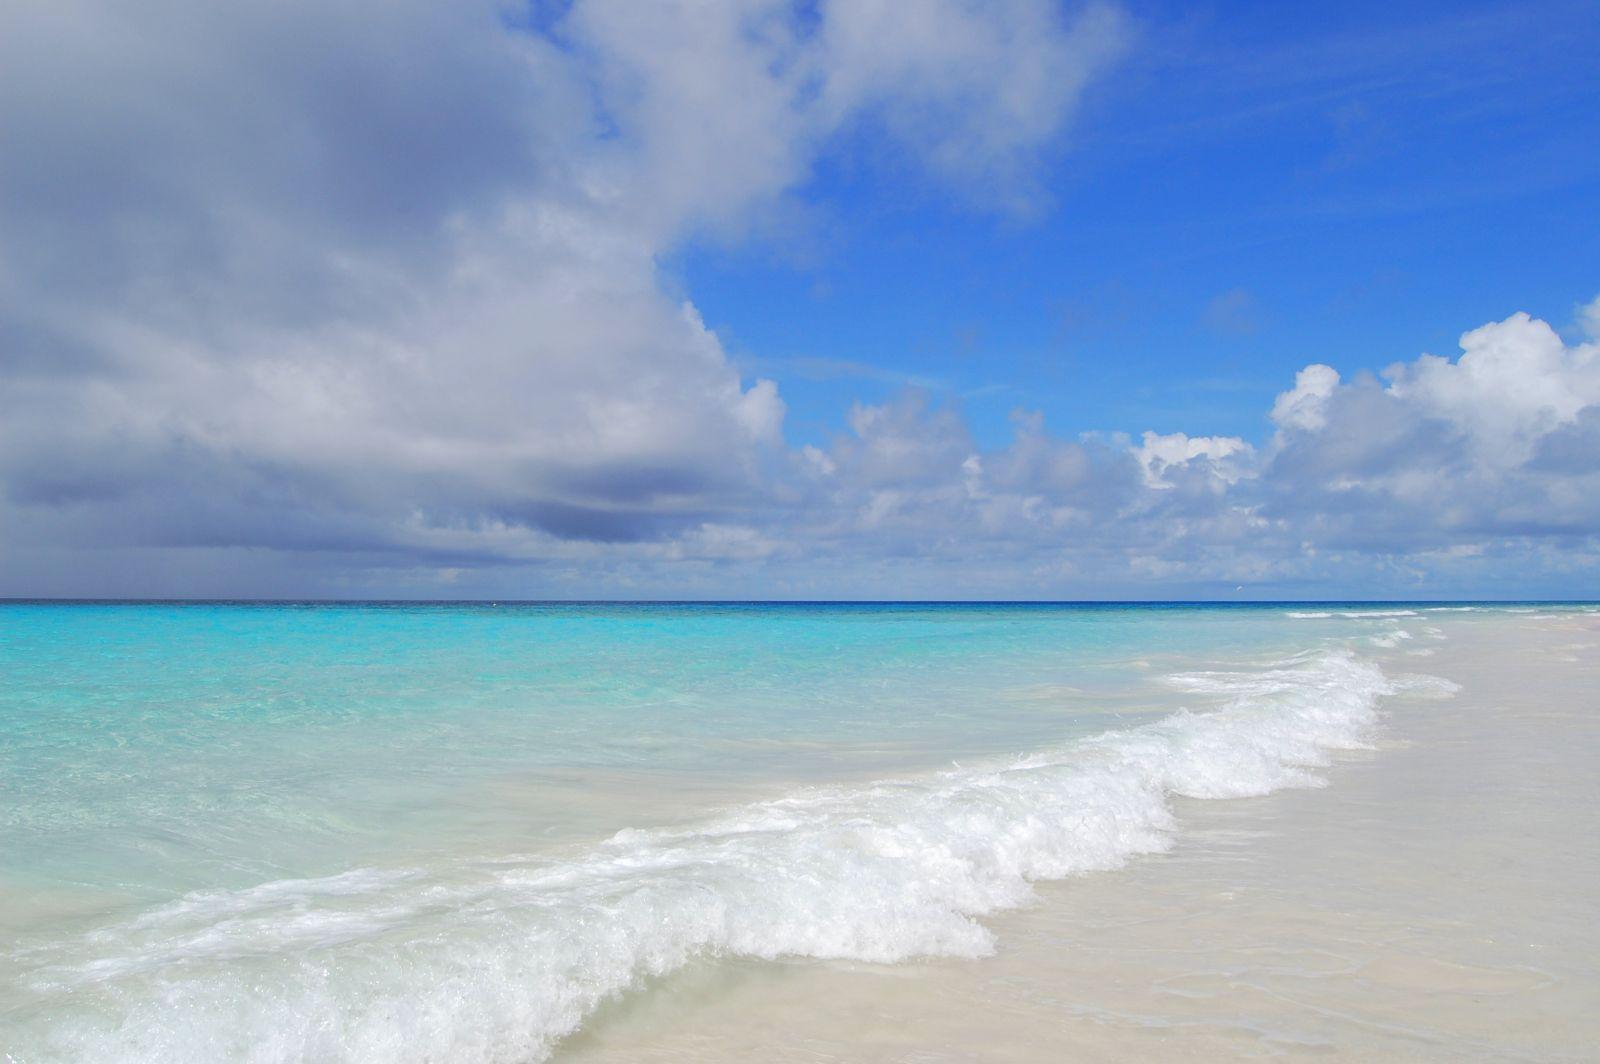 najbolje mjesto za upoznavanje barbados ogun države za upoznavanje